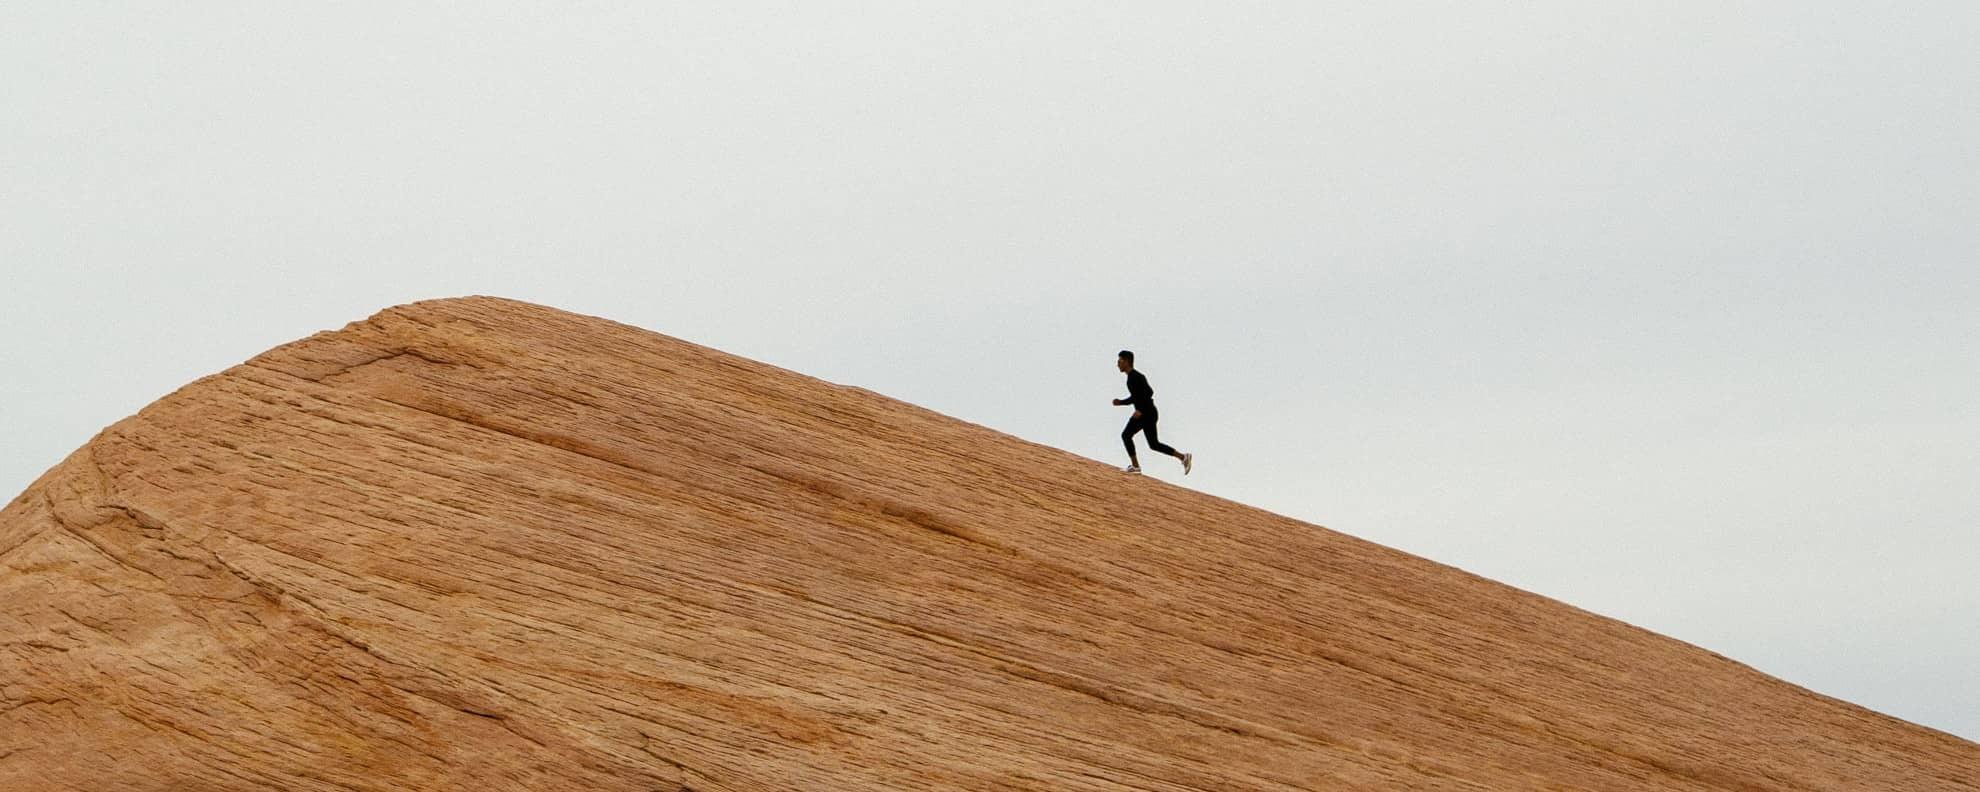 Disziplin lernen: 10 Tipps fürs Durchhalten